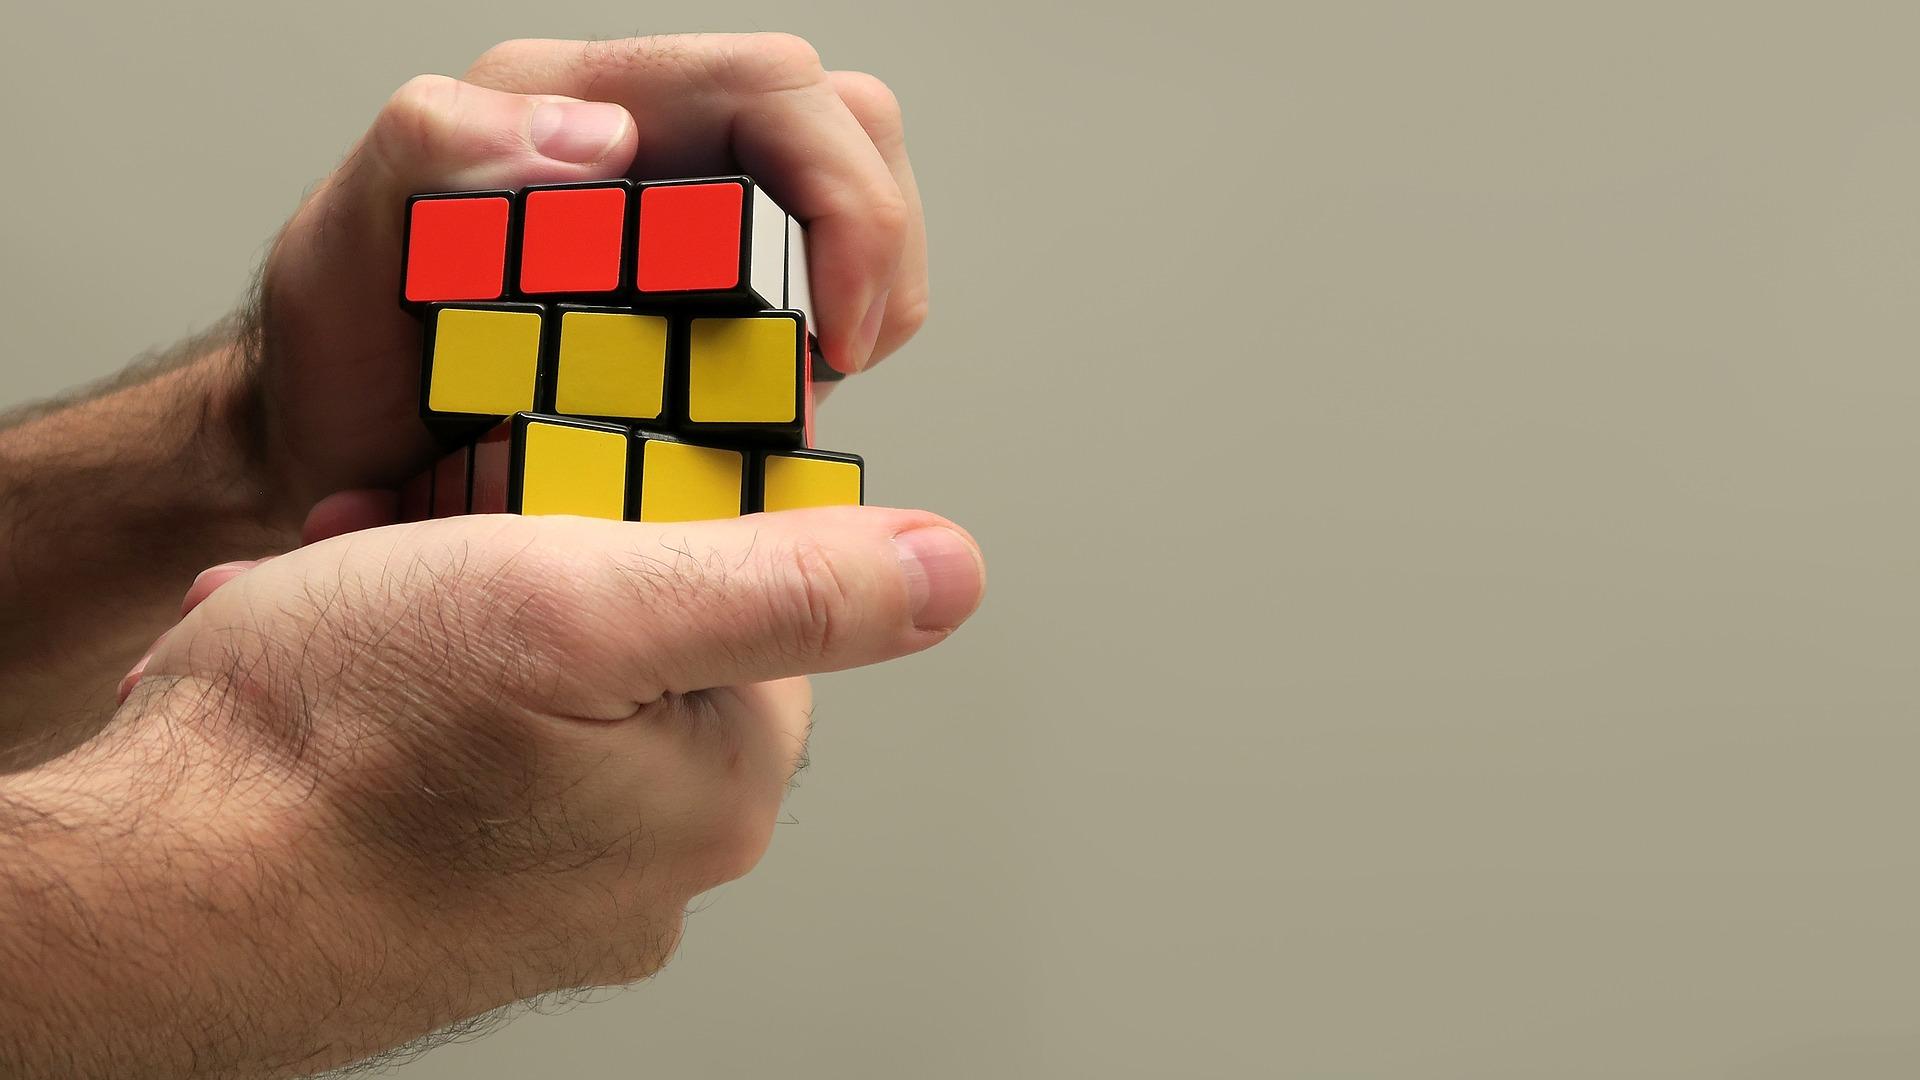 Obrázek: Systém umělé inteligence zvládne vyřešit Rubikovu kostku za 1,2 sekundy